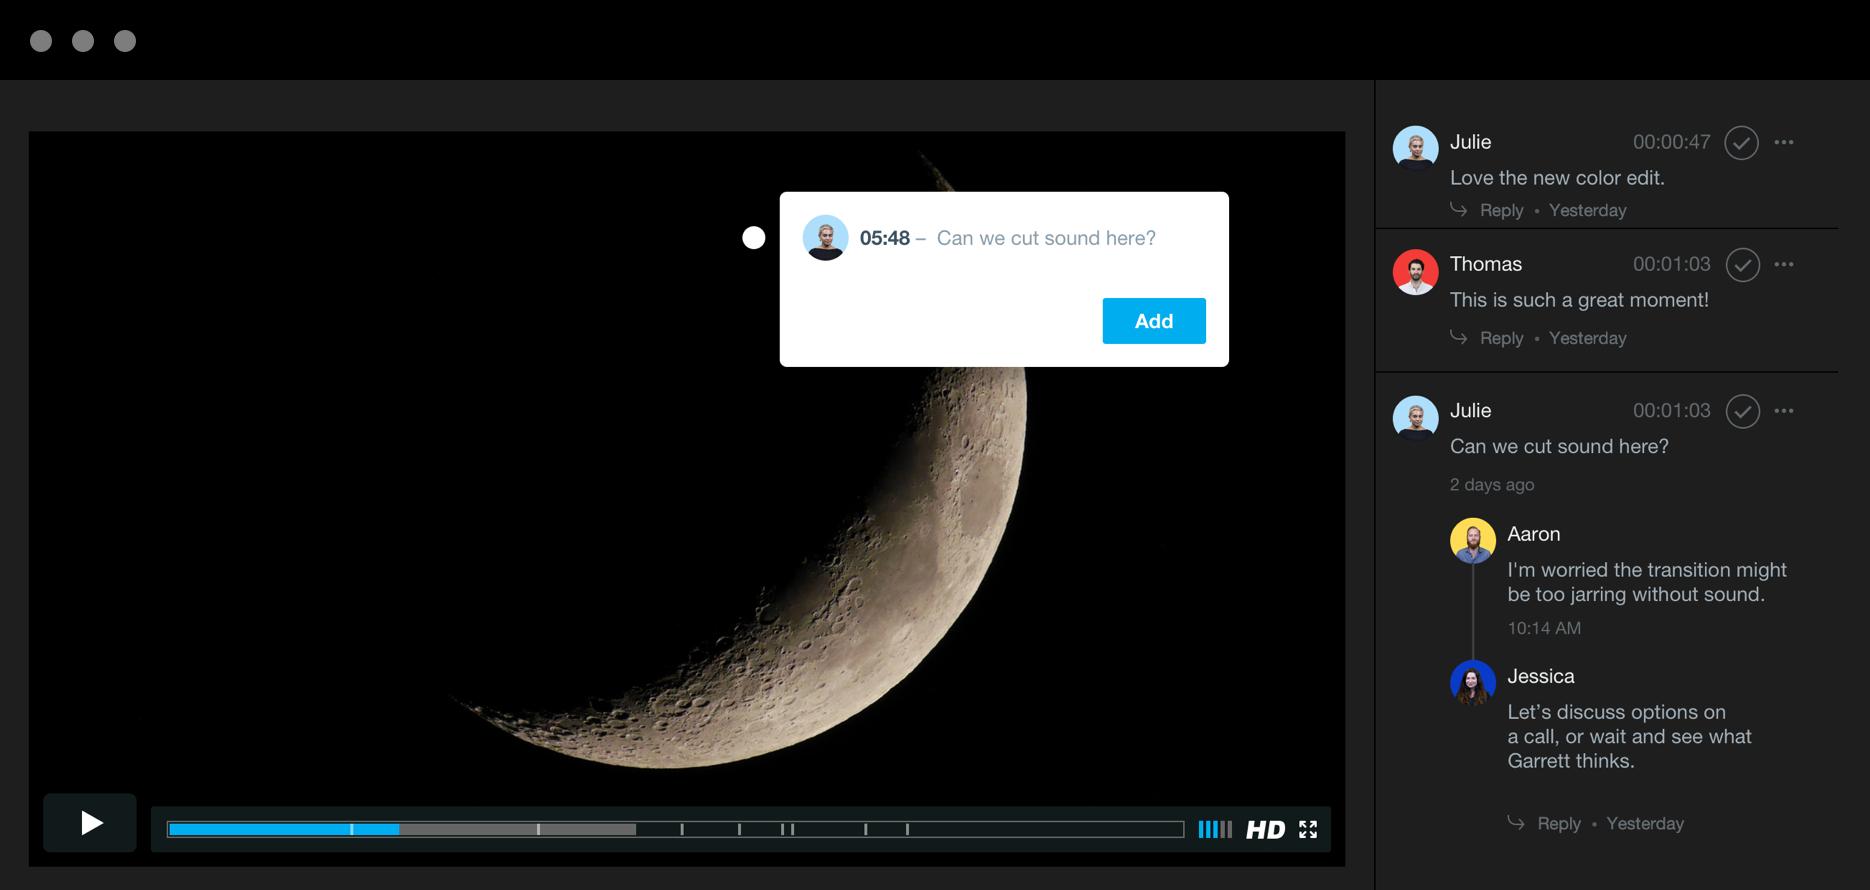 月の映像に「ここの音カットできる?」と、誰かがタイムコード付きのメモを残し、左側にそのメモと他のレビュワーからの返信を表示したレビューページ。